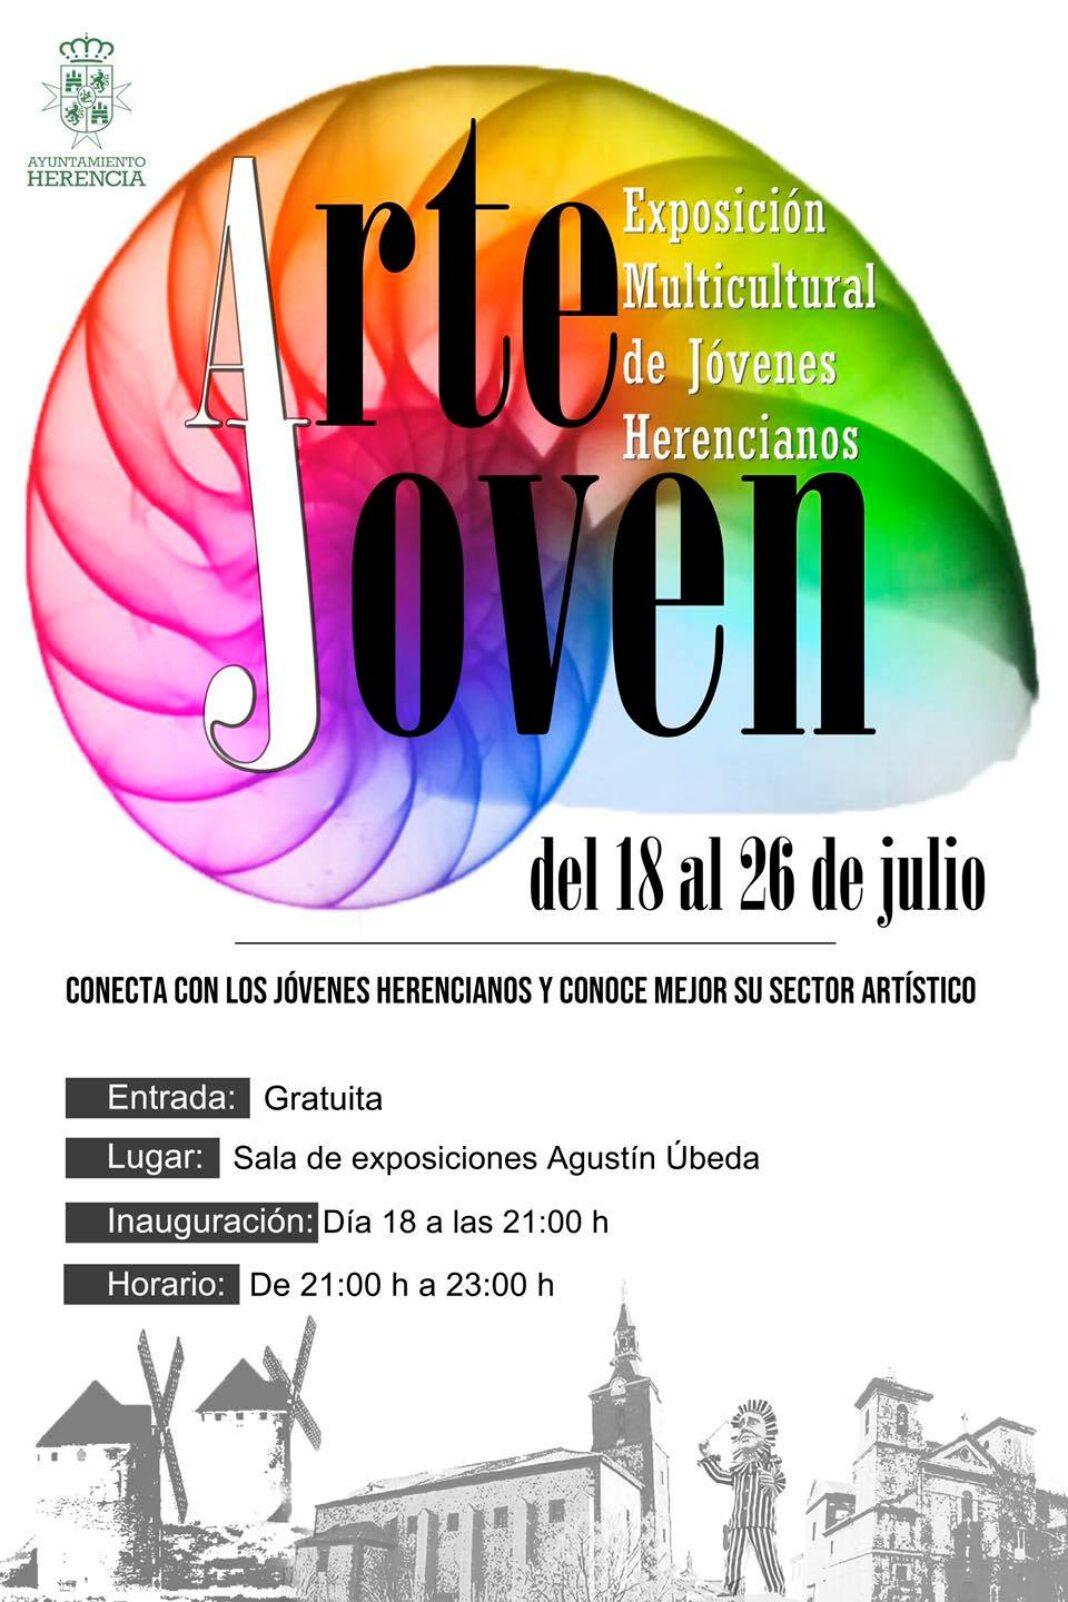 Arte Joven, exposición multicultural de jóvenes Herencianos 8